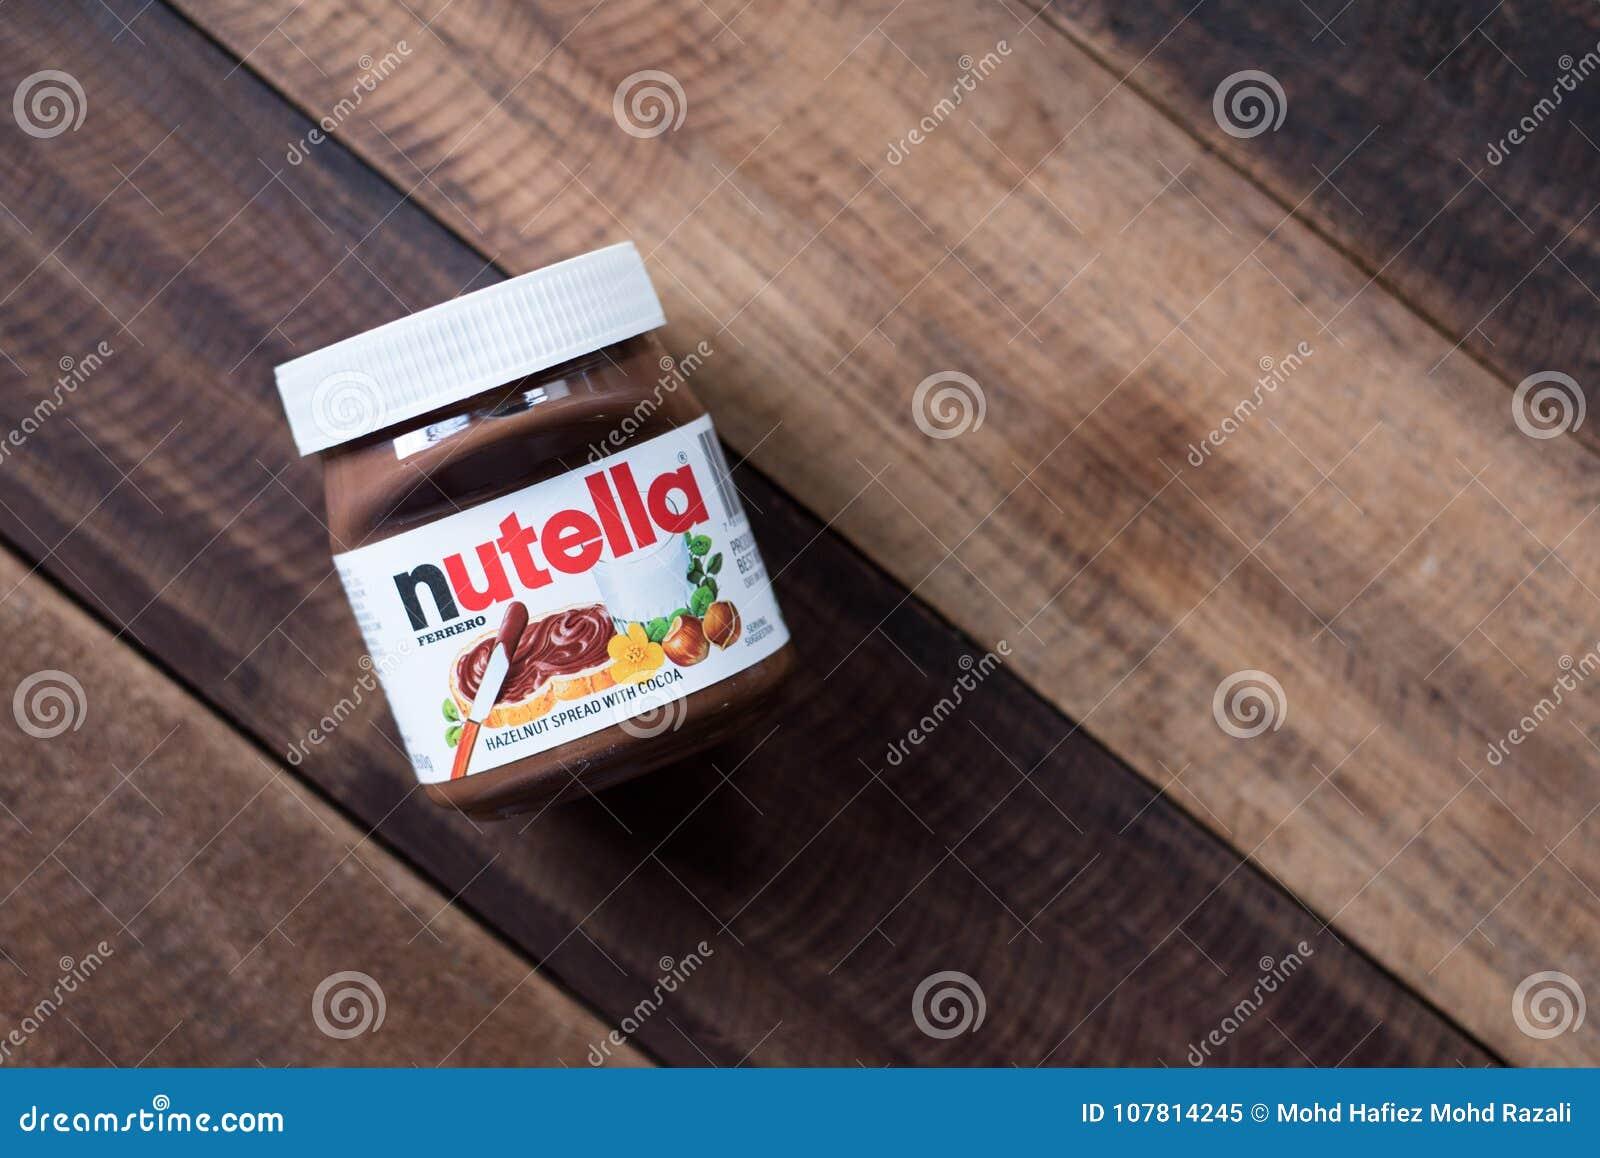 Nutella chokladspridning på trätabellen